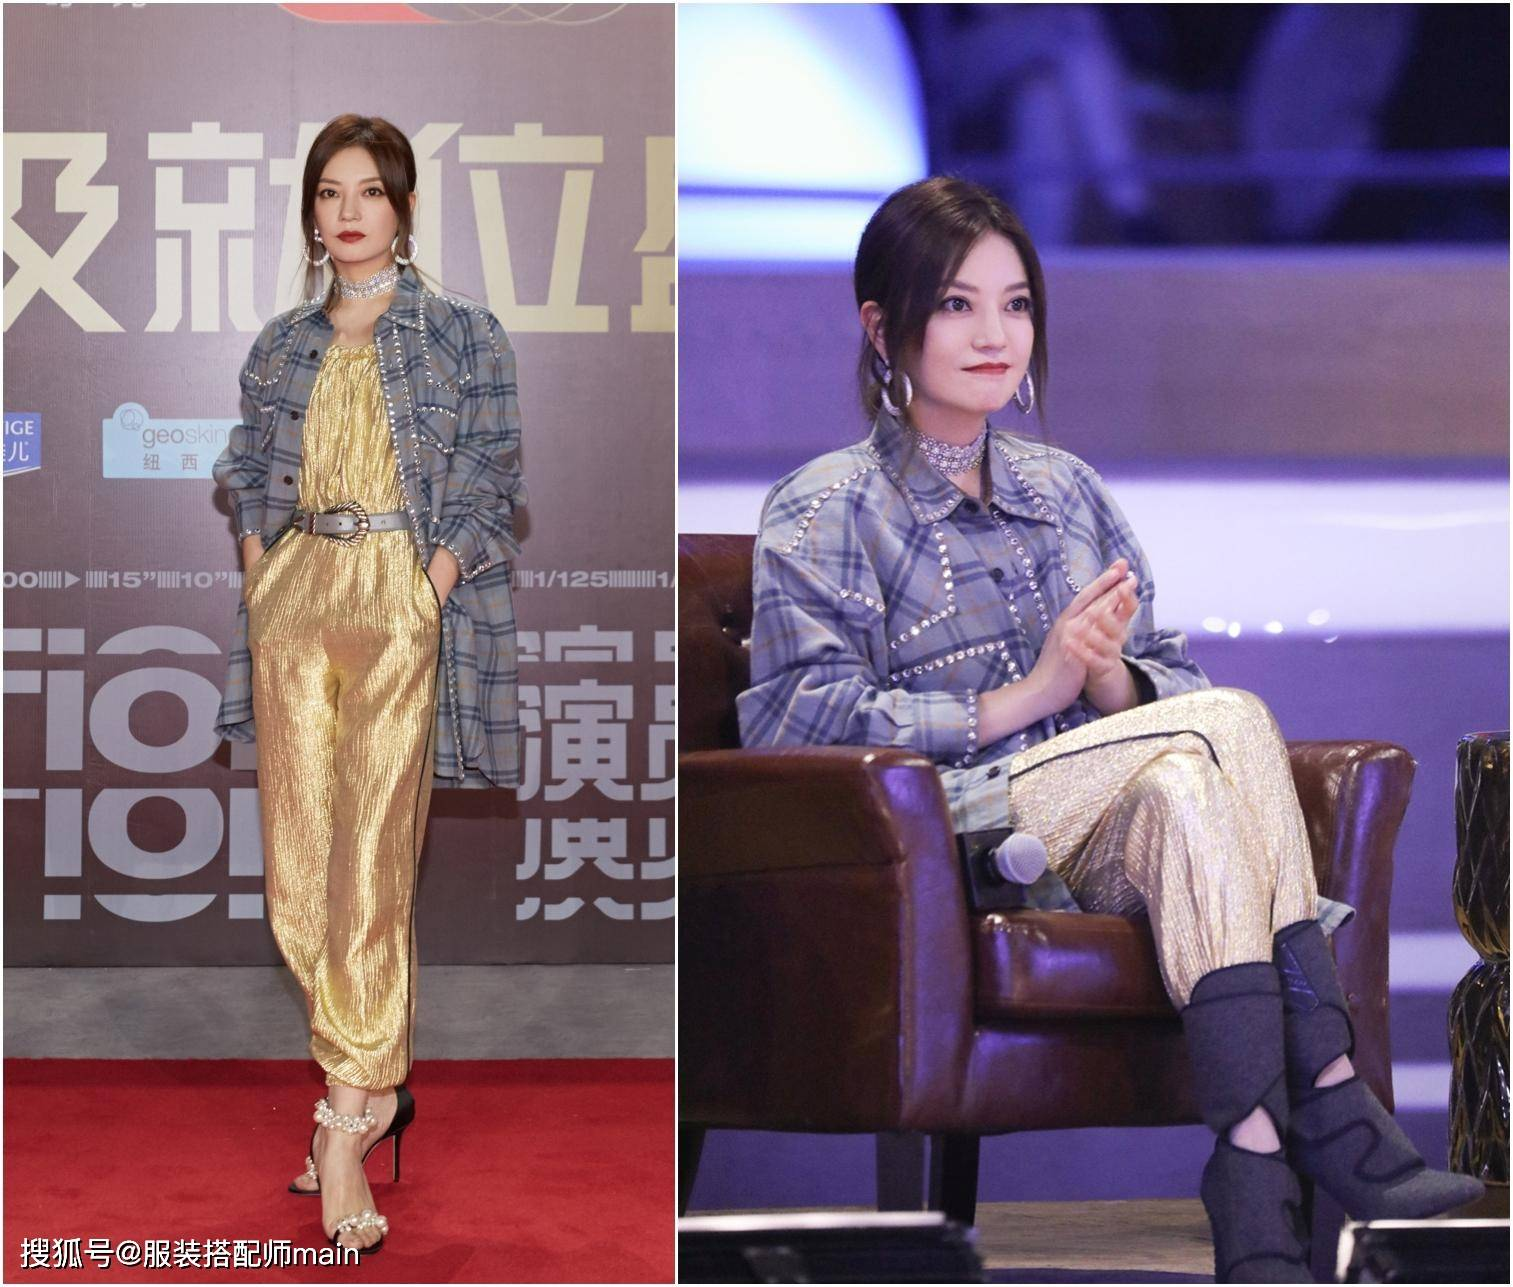 原创             44岁赵薇风姿不减当年,米白色西装尽显修长身材,展现女强人气场